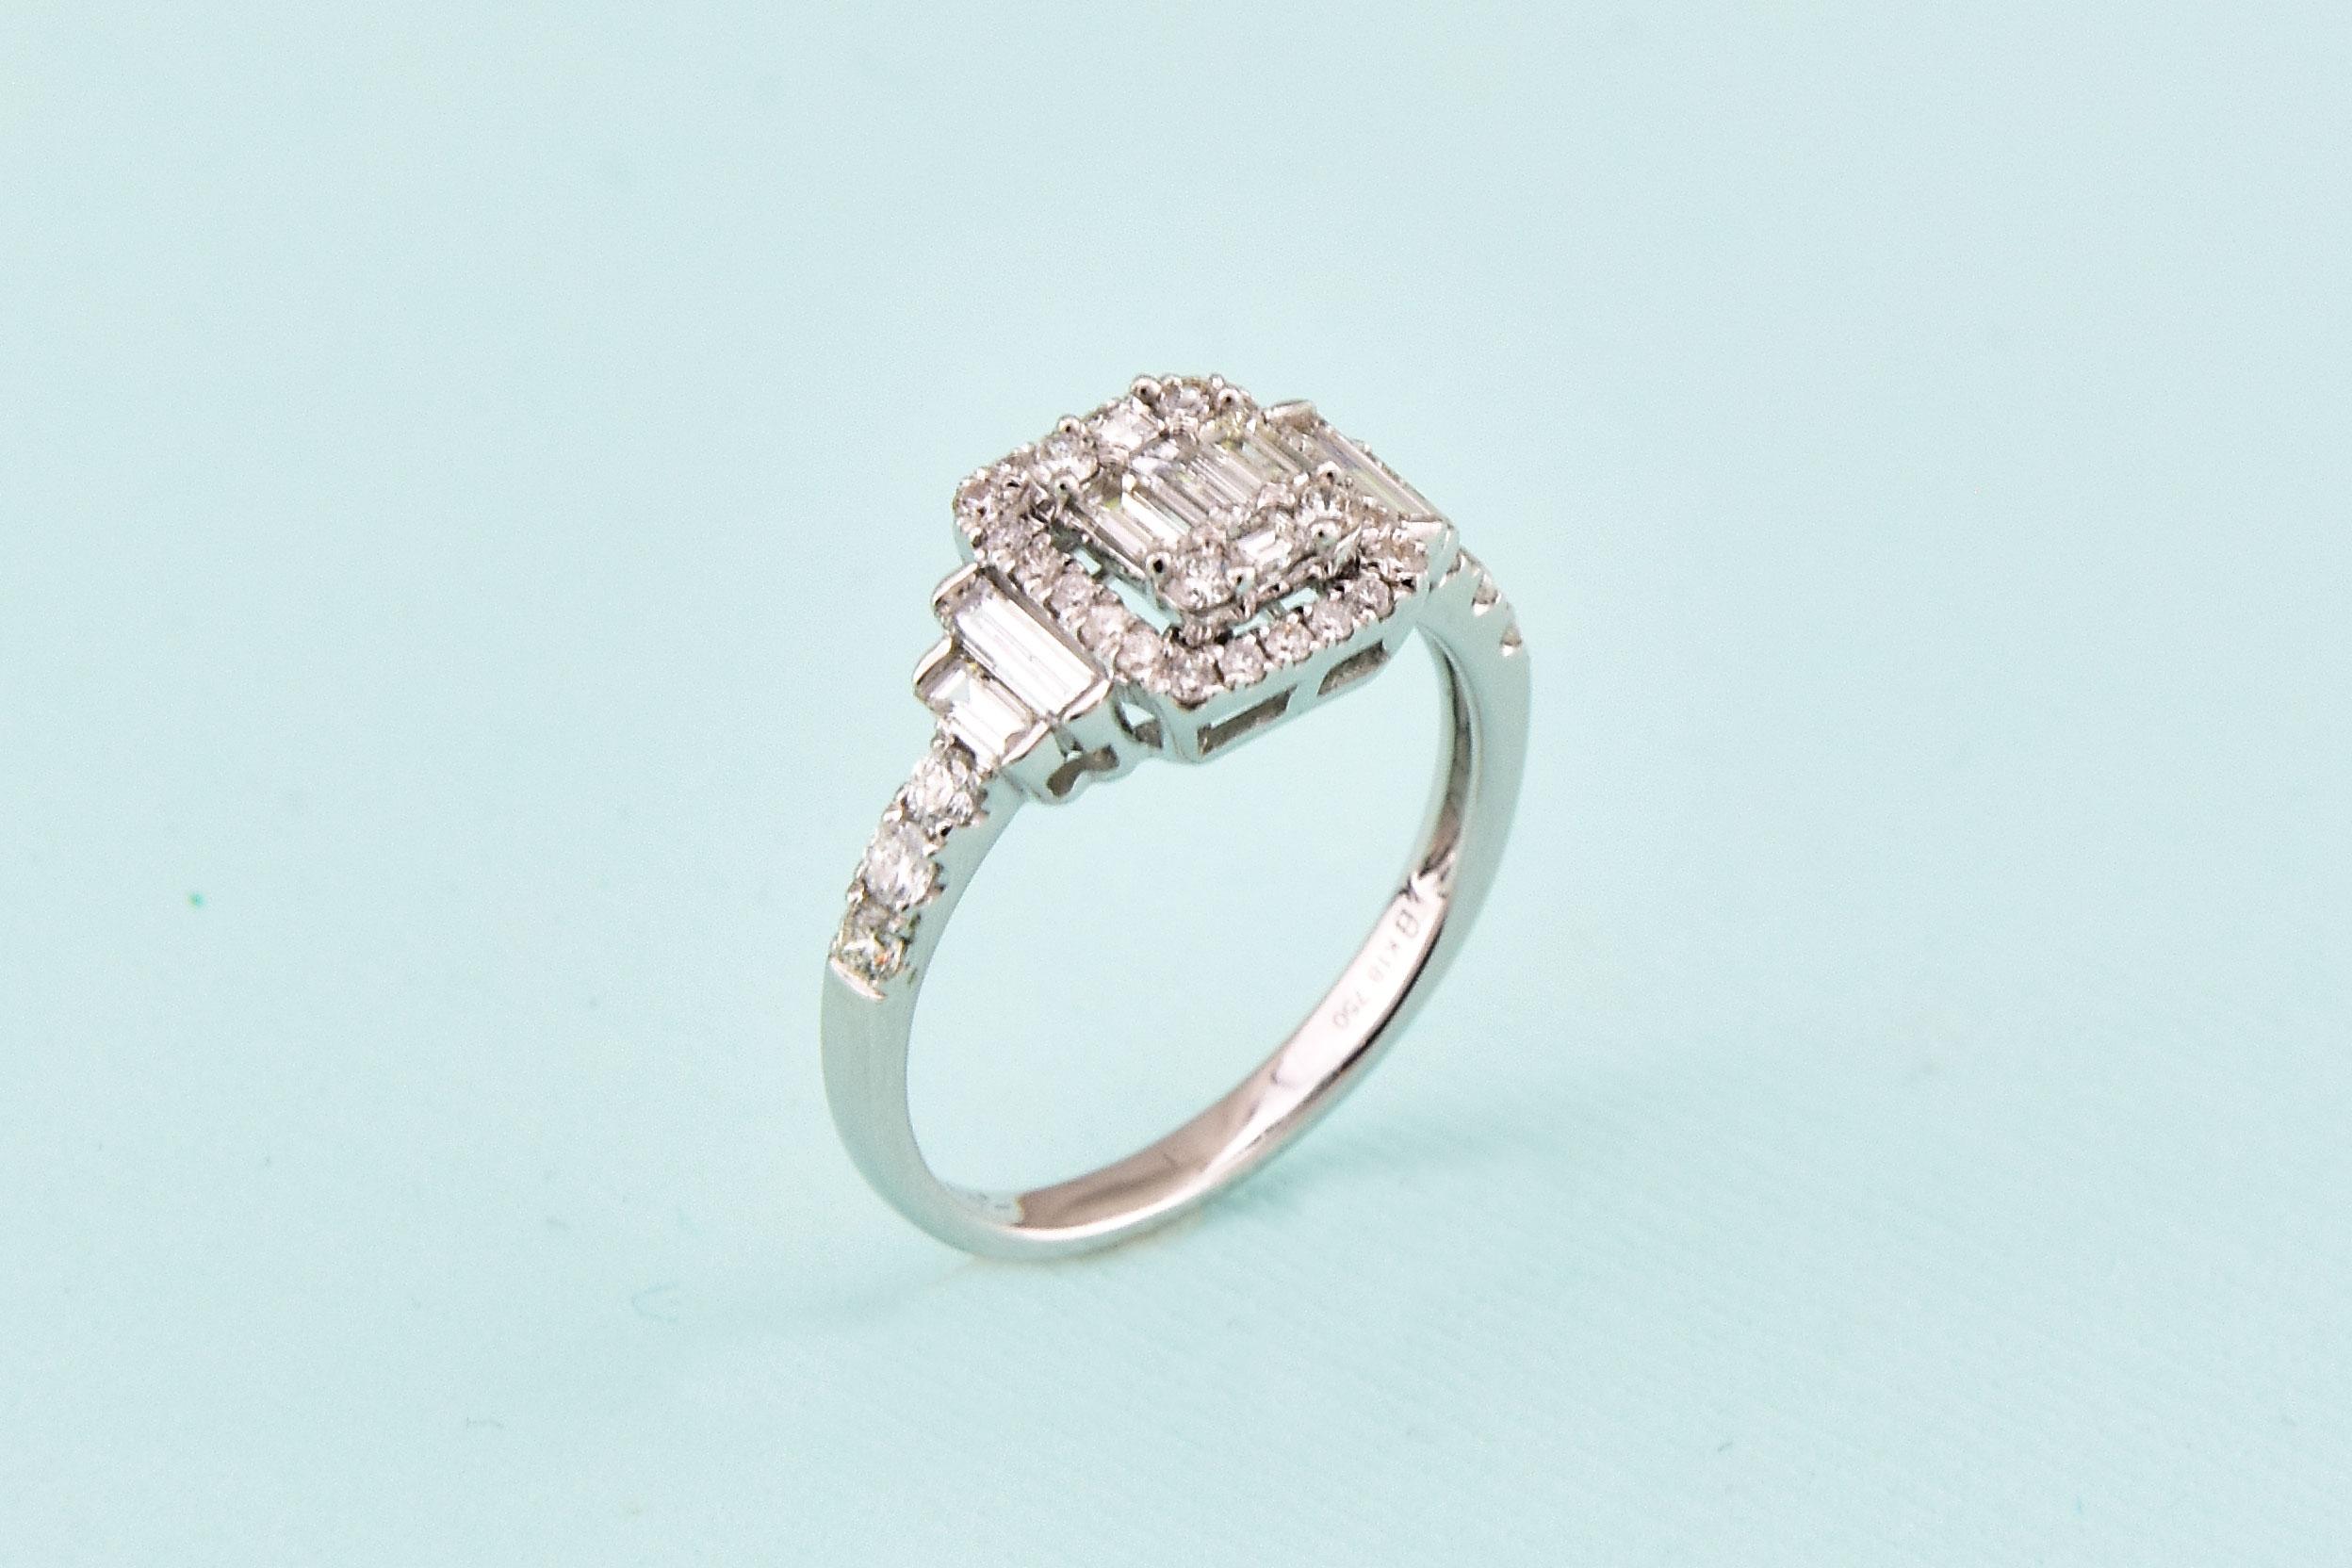 1 Carat Total Weight Diamond White Gold Ring